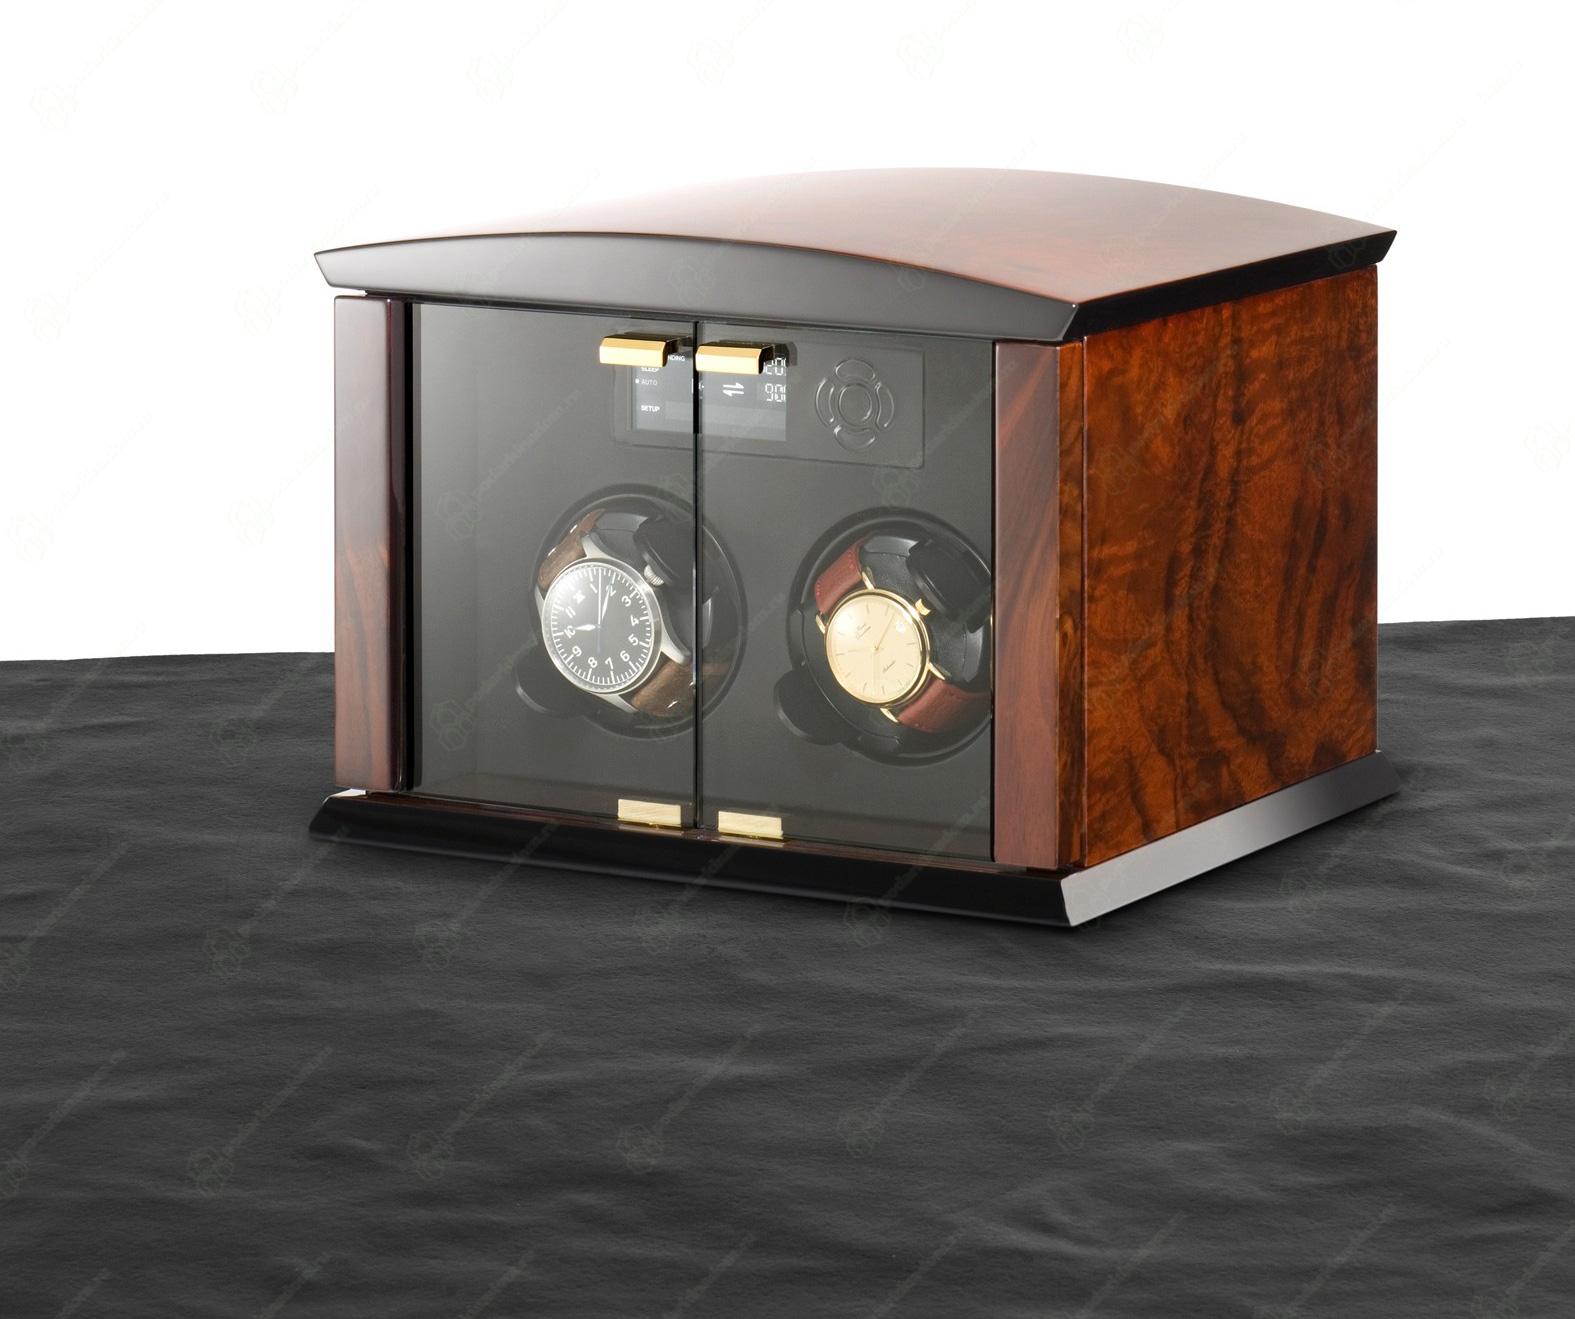 ELMA motion Сorona 2 burlwood / glass doors Шкатулка Elma Corona 2 LCD. Обновленная модель столь популярной шкатулки для часов. Шкатулка создана для подзавода часов, в механизме, управлении и дизайне, учтены все нюансы, что бы ваши часы, не нуждались в сервисе и прослужили вам гораздо дольше